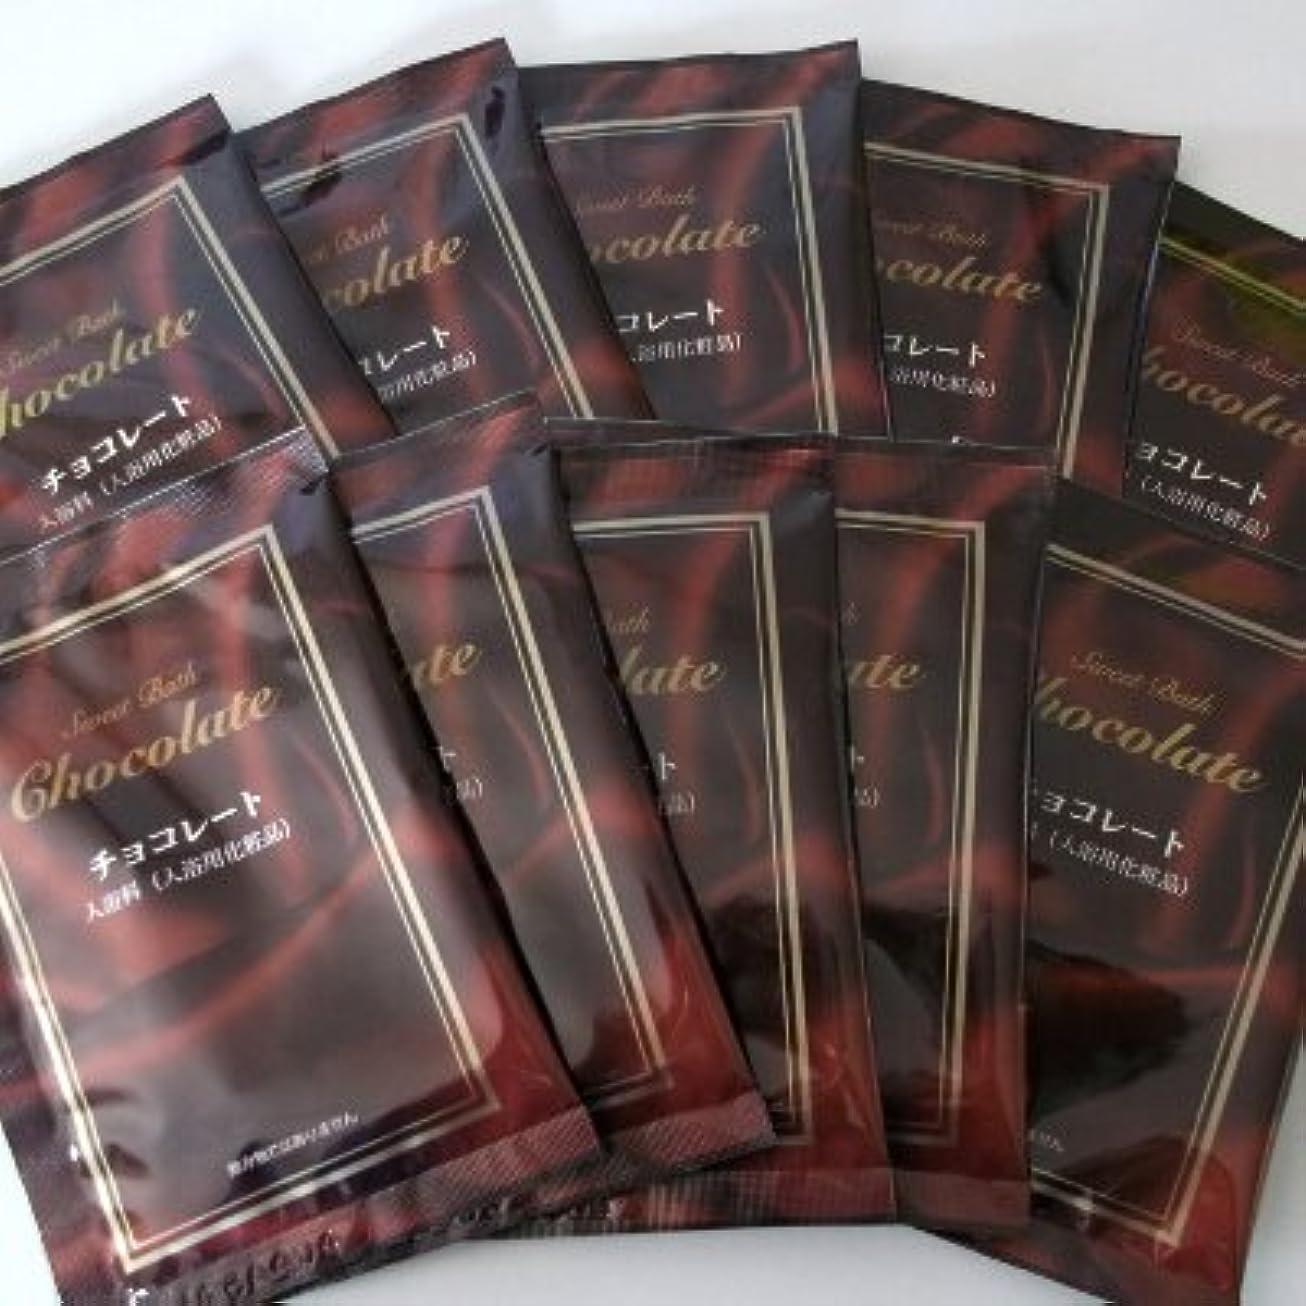 異邦人パック仕立て屋スイートバス チョコレートの香り 10包セット